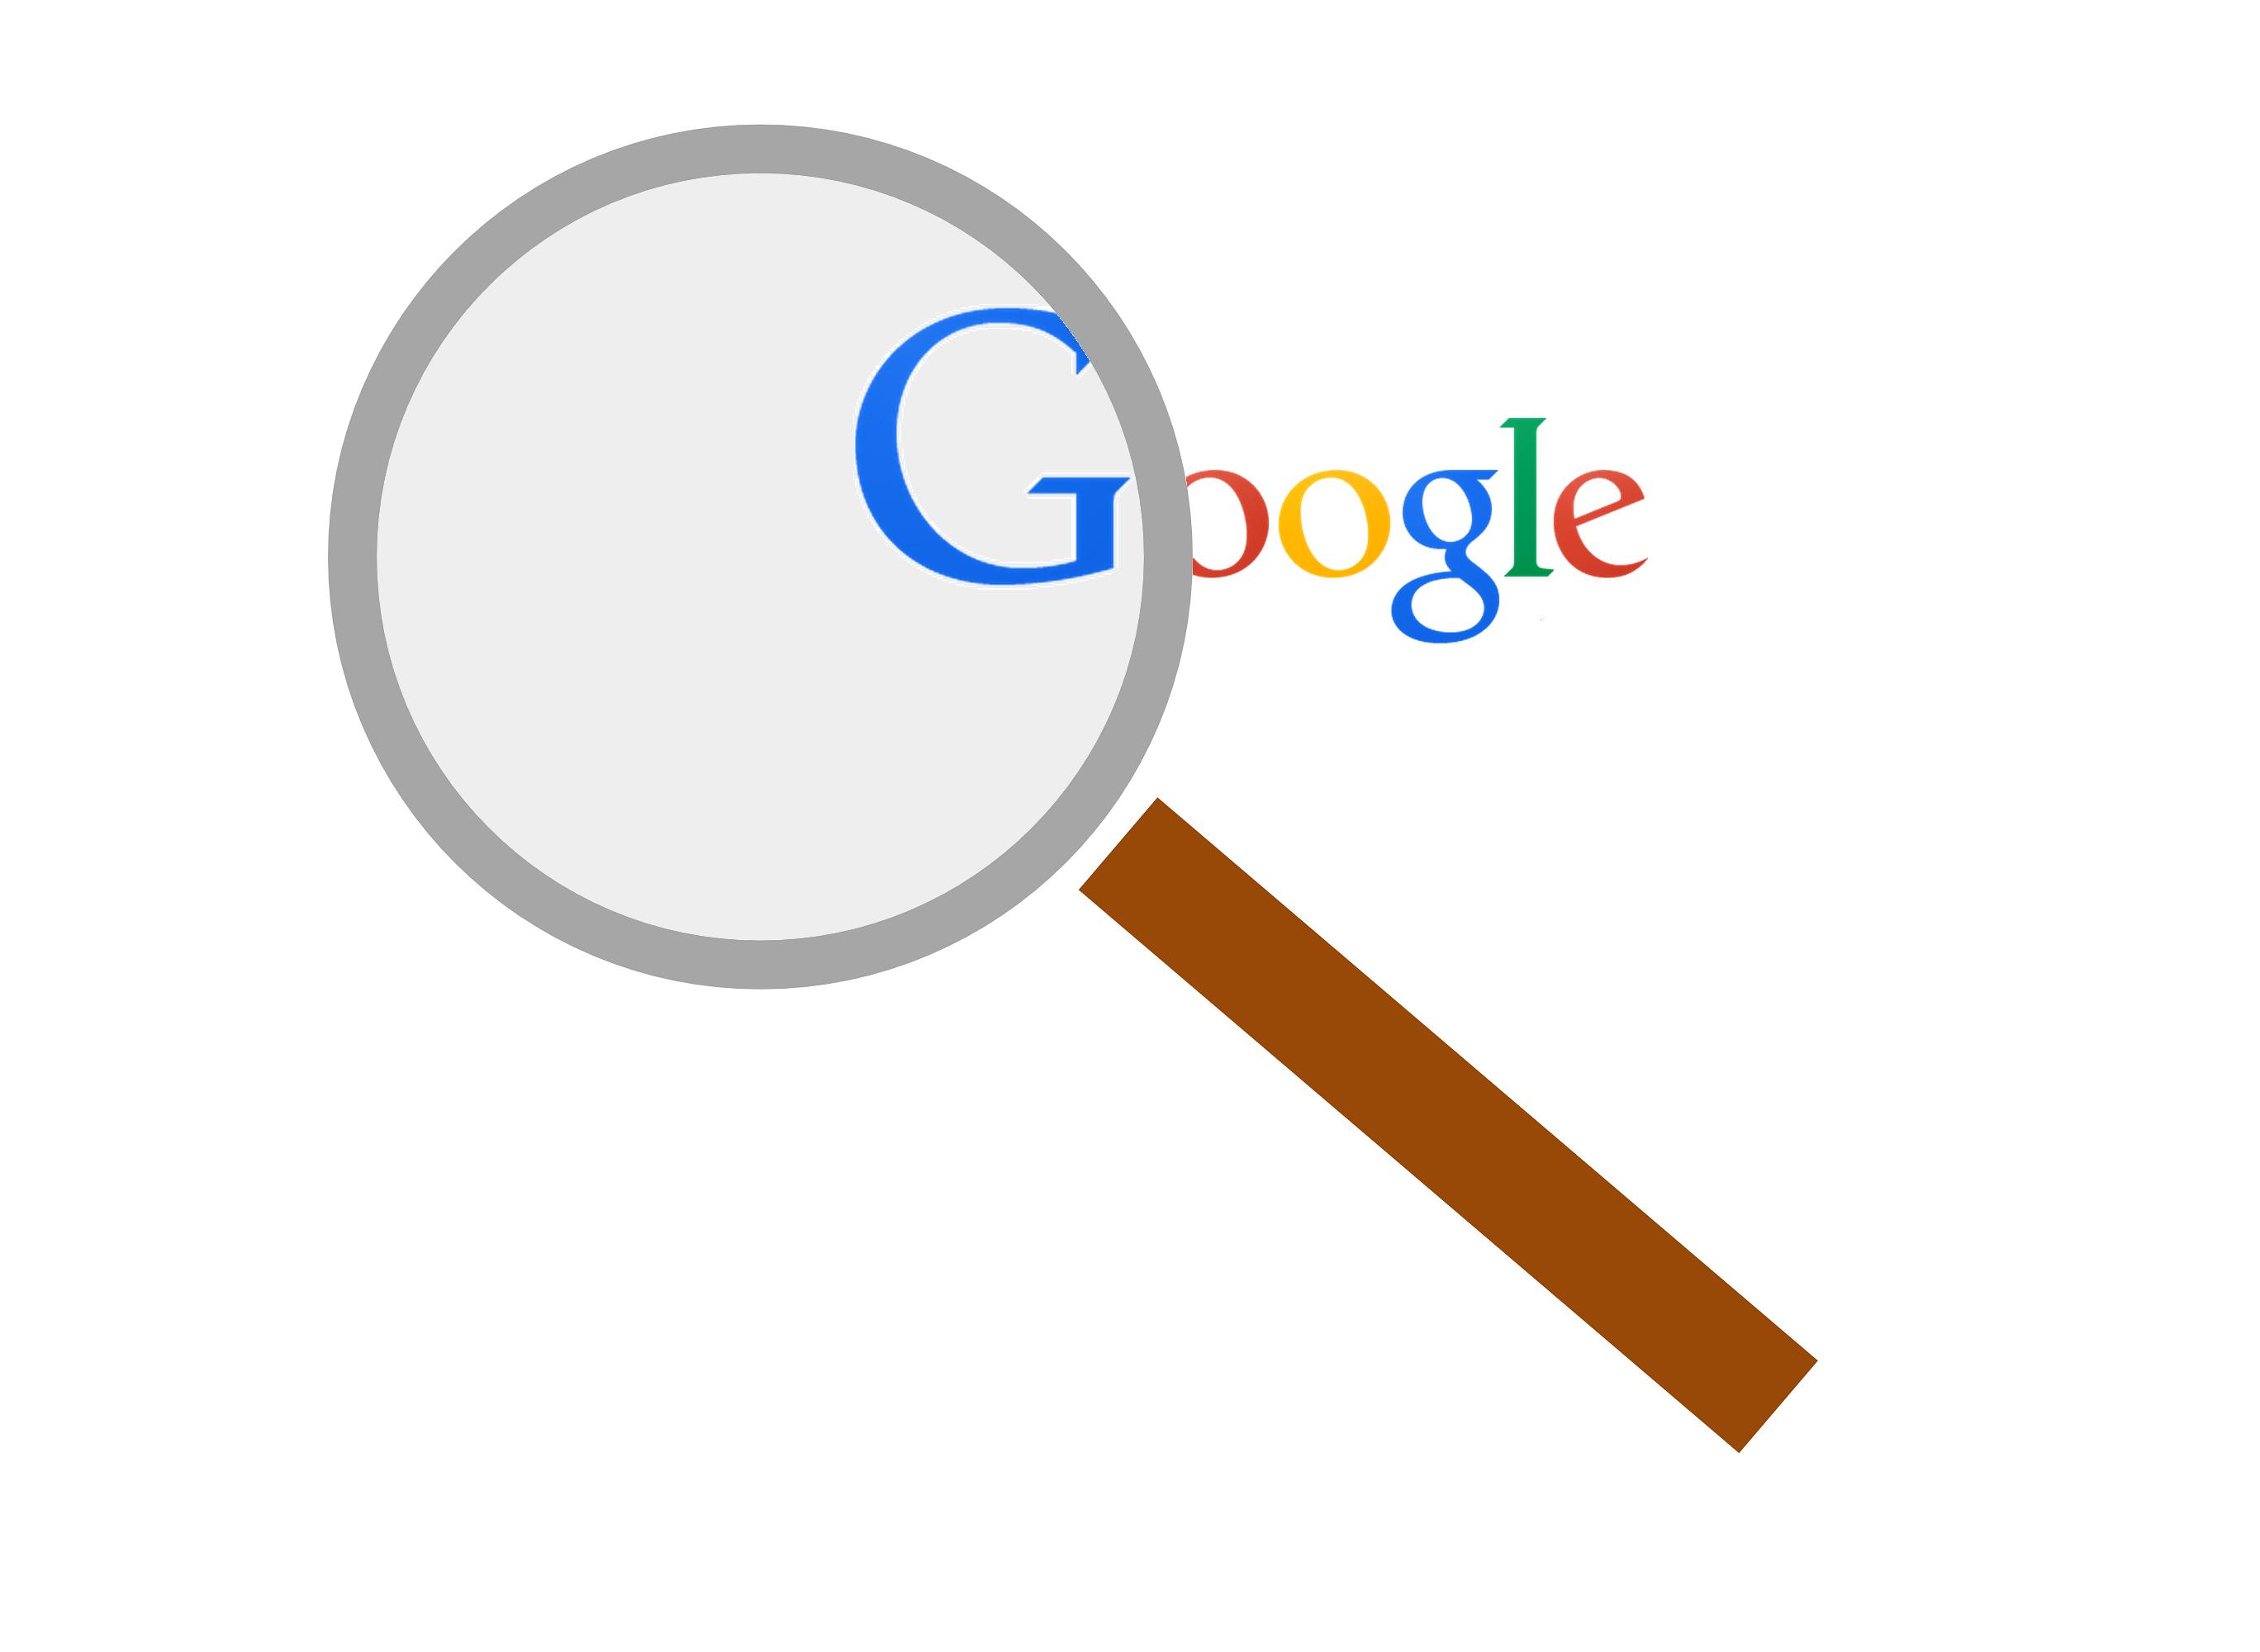 Kako se određuje pozicija Google oglasa?